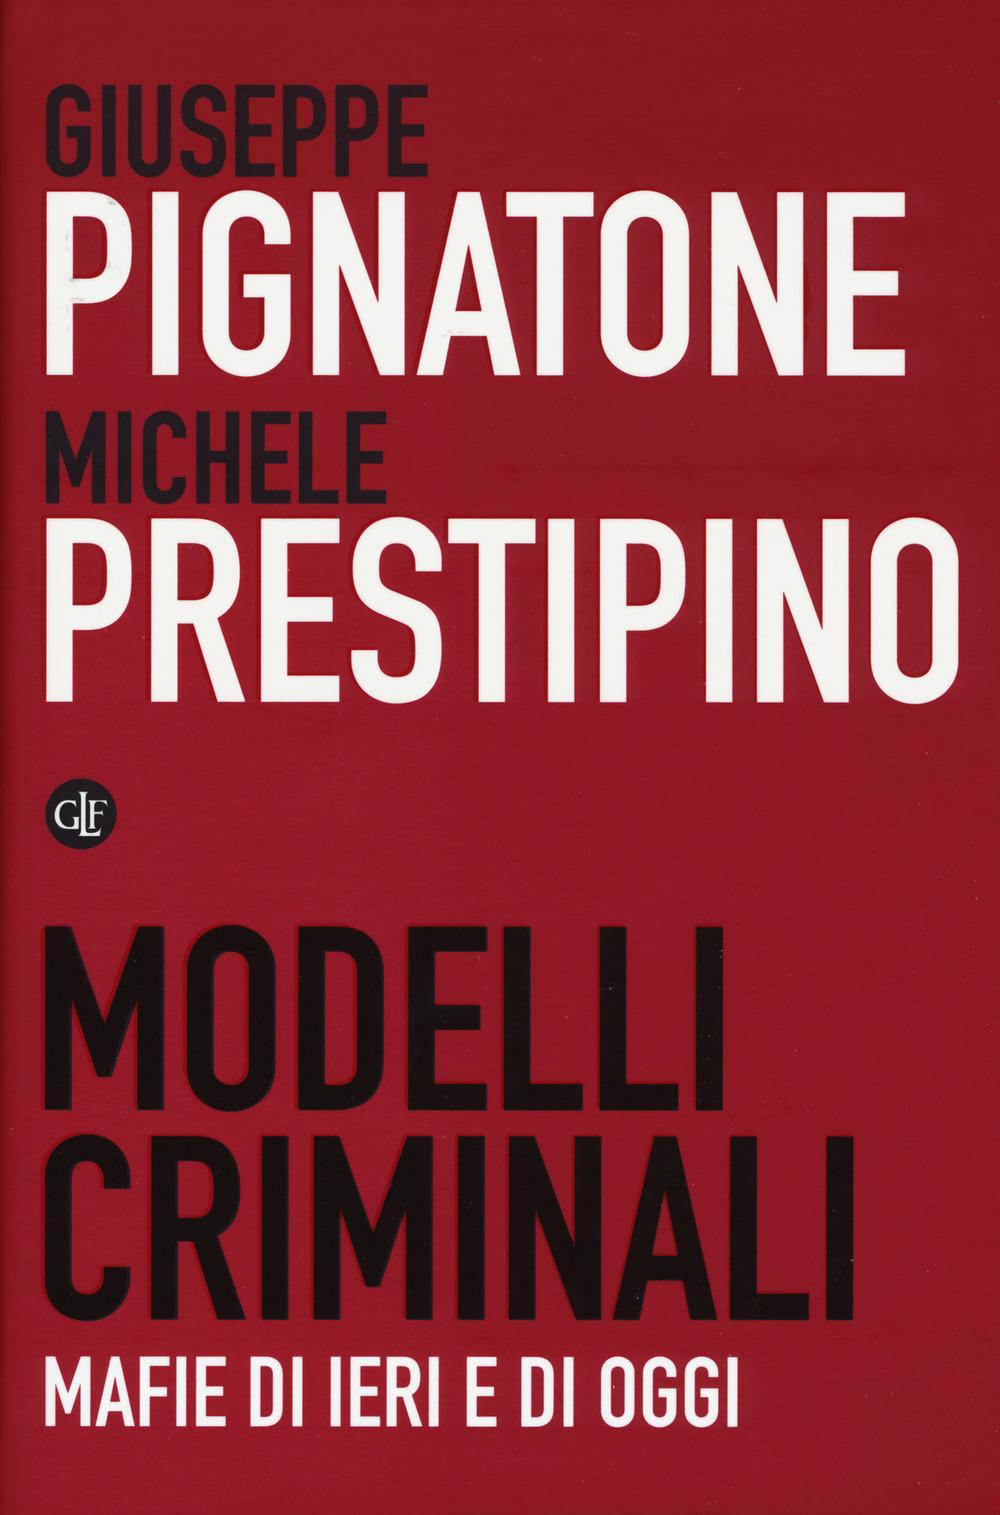 MODELLI CRIMINALI. MAFIE DI IERI E DI OGGI - 9788858134047